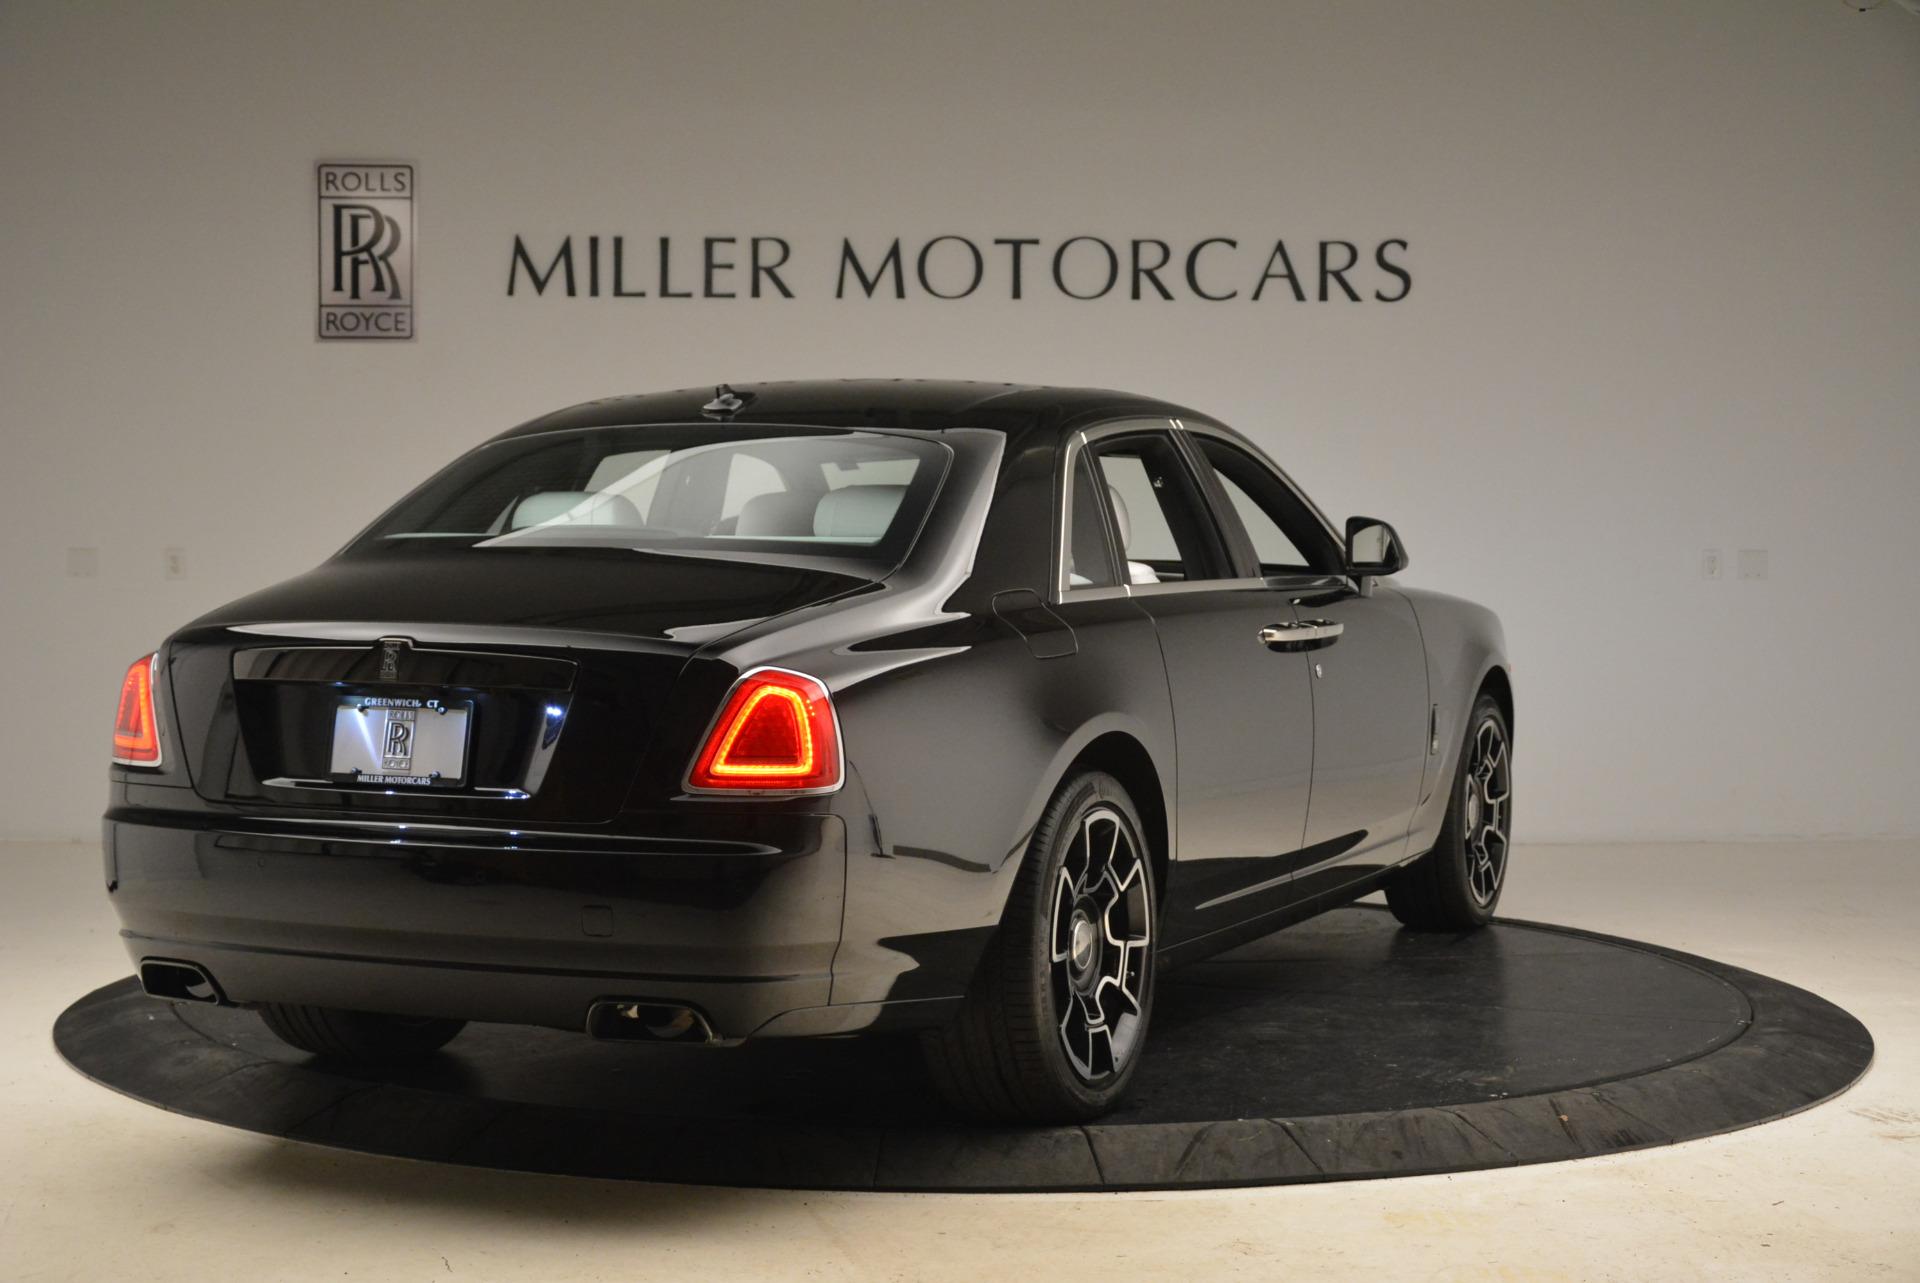 Used 2017 Rolls-Royce Ghost Black Badge For Sale In Westport, CT 2093_p5